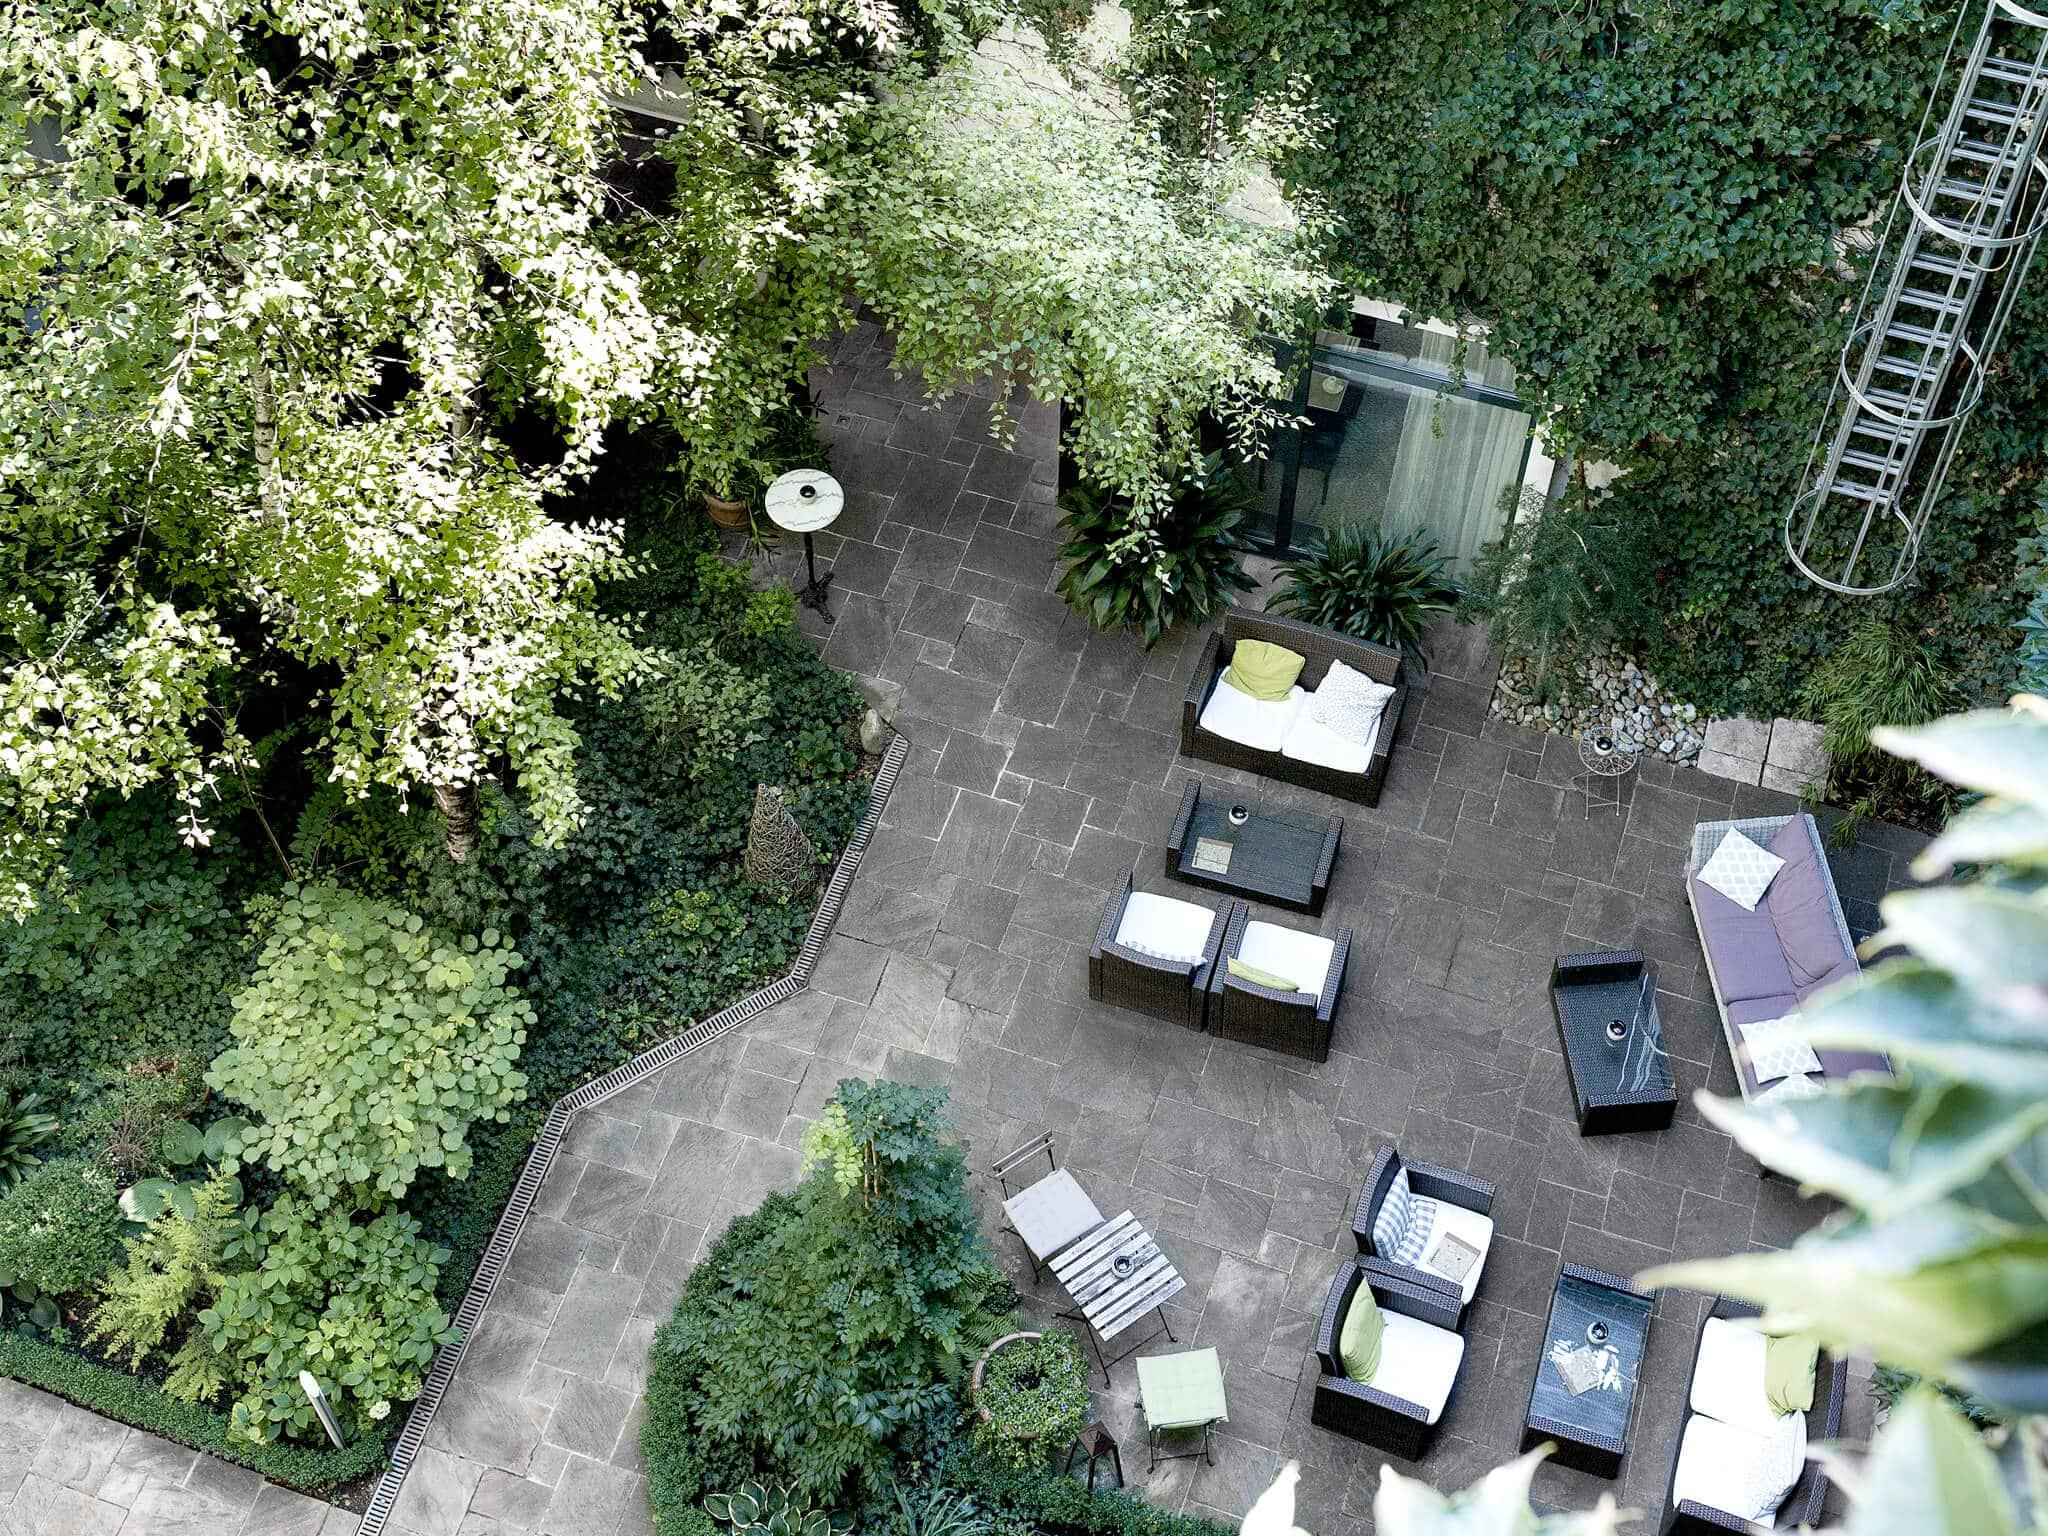 Vogelpersepektive Garten Loungebereich ©Boutiquehotel Stadthalle